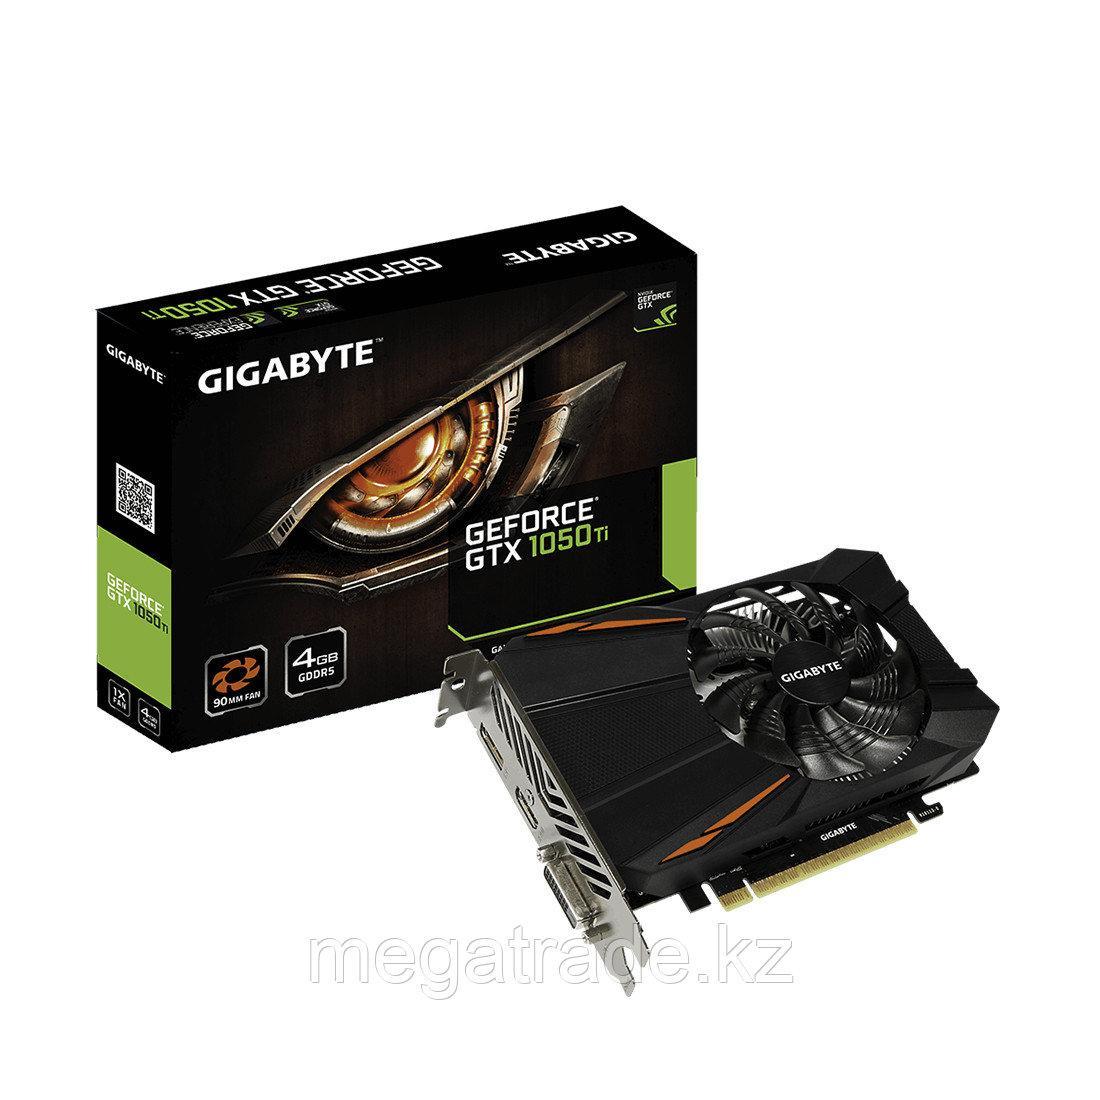 Видеокарта Gigabyte GTX 1050Ti, 4GB GDDR5 128-bit